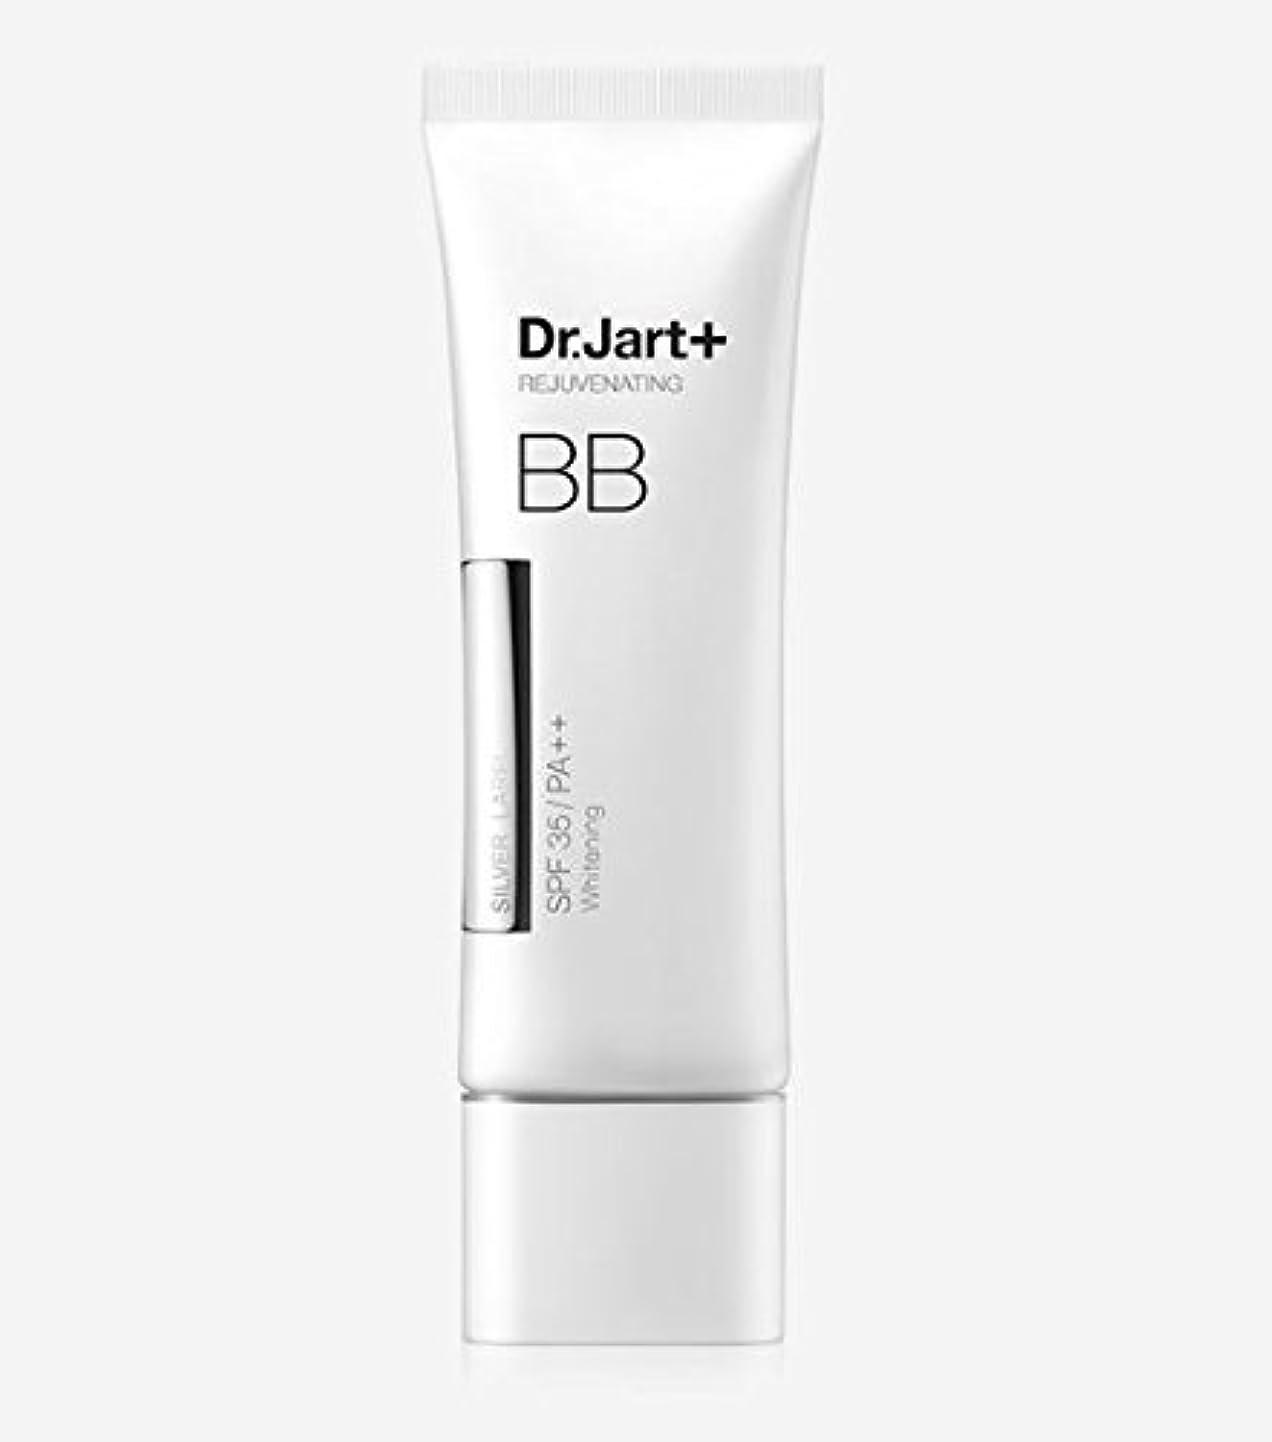 粗い松宇宙飛行士[Dr. Jart] Silver Label BB Rejuvenating Beauty Balm 50ml SPF35 PA++/[ドクタージャルト] シルバーラベル BB リジュビネイティング ビューティー バーム...